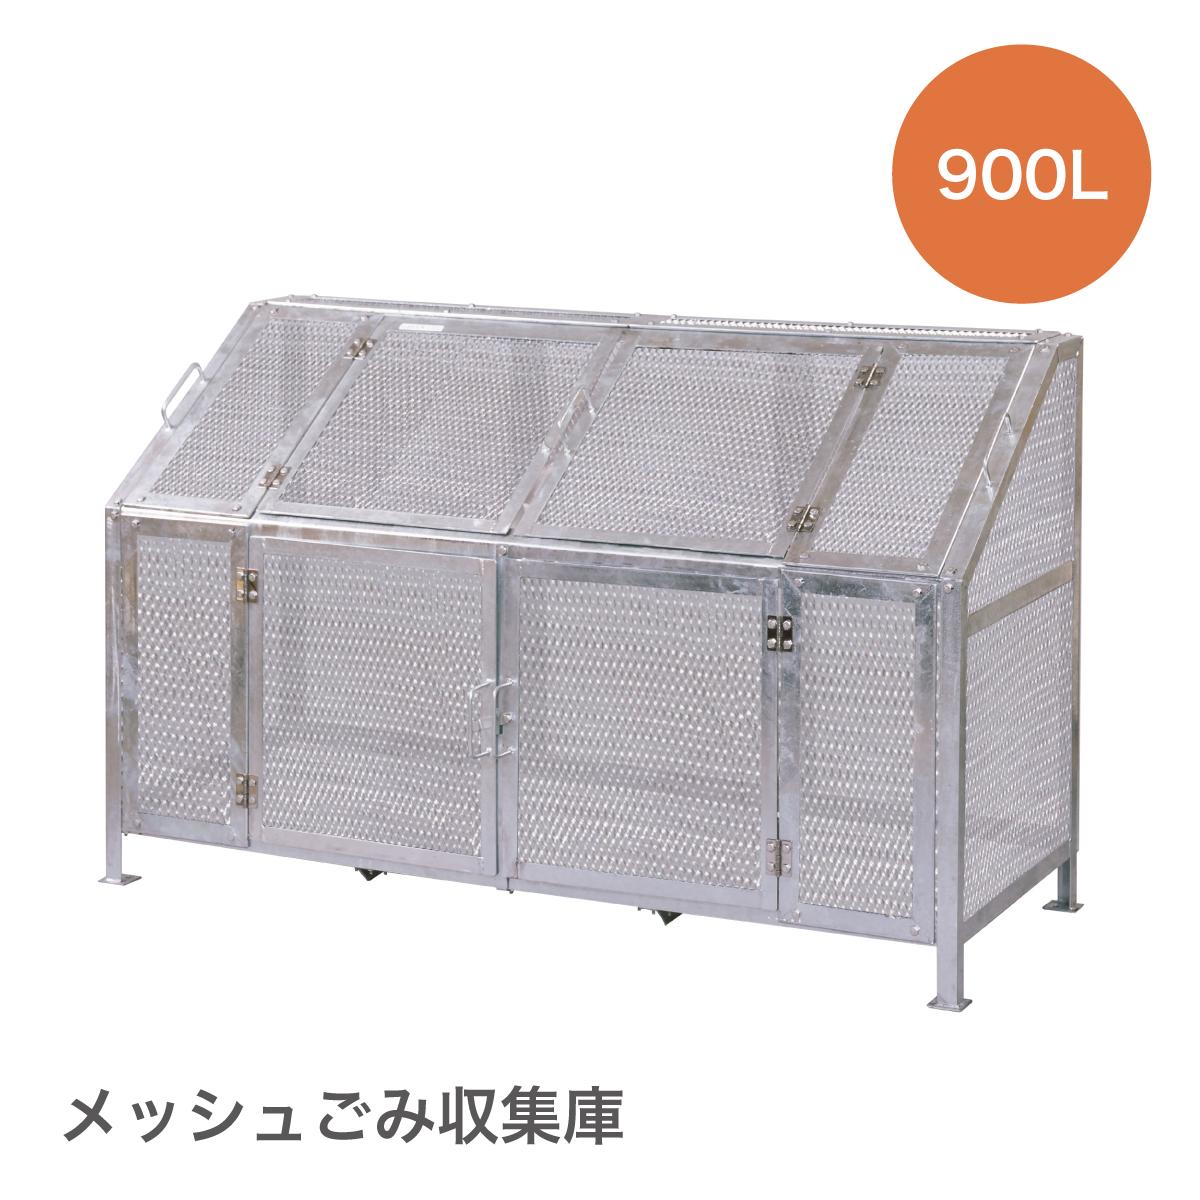 メッシュ 男女兼用 ダストボックス ごみ箱 屋外 タイムセール 通気性 mm メッシュごみ収集庫900L約1850×760×1120 金網 亜鉛